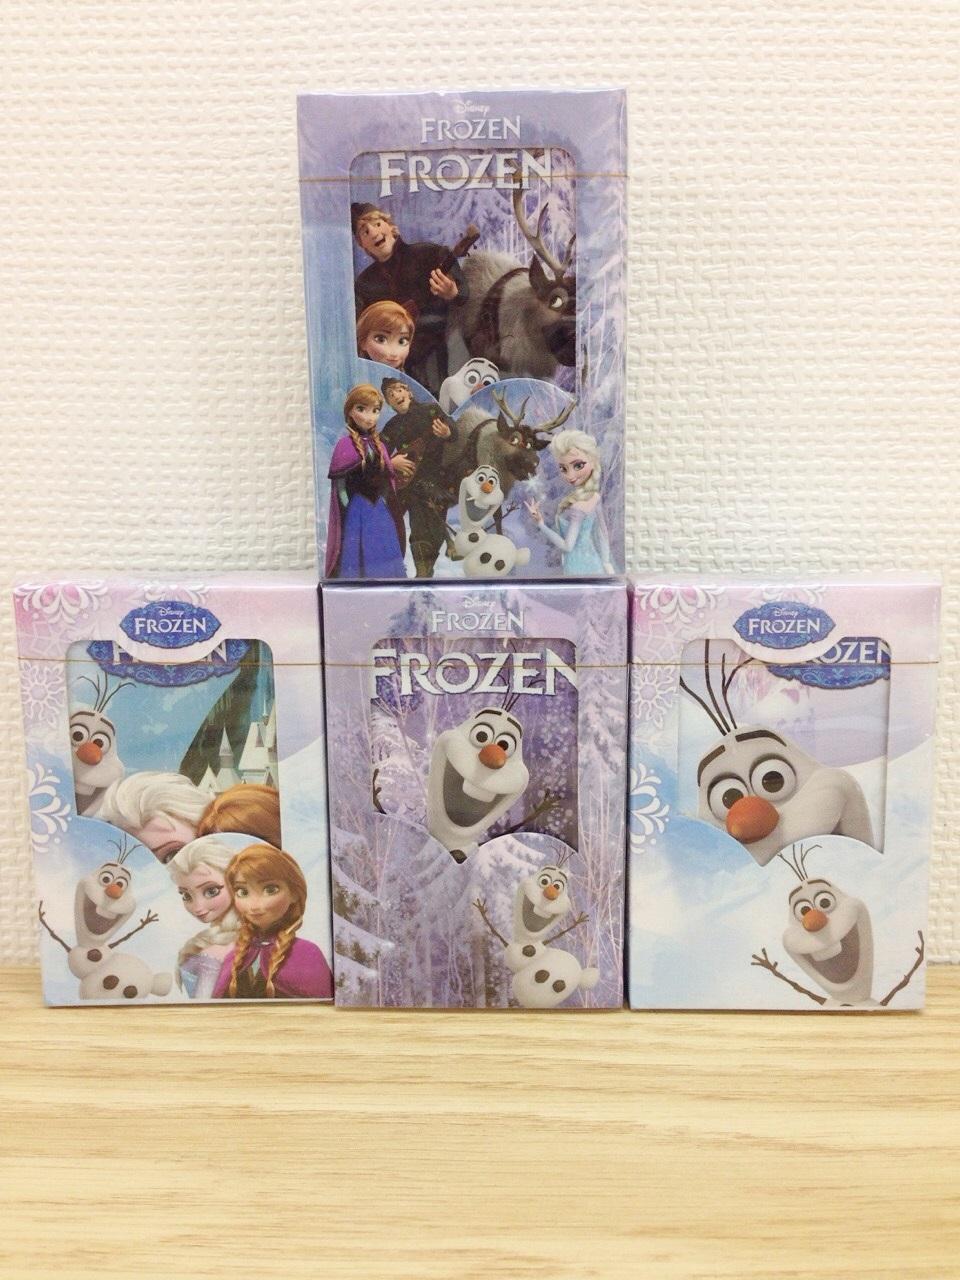 【真愛日本】15111600002撲克牌-冰雪奇緣人物多款  迪士尼 冰雪奇緣 Frozen  撲克牌  紙牌  遊戲